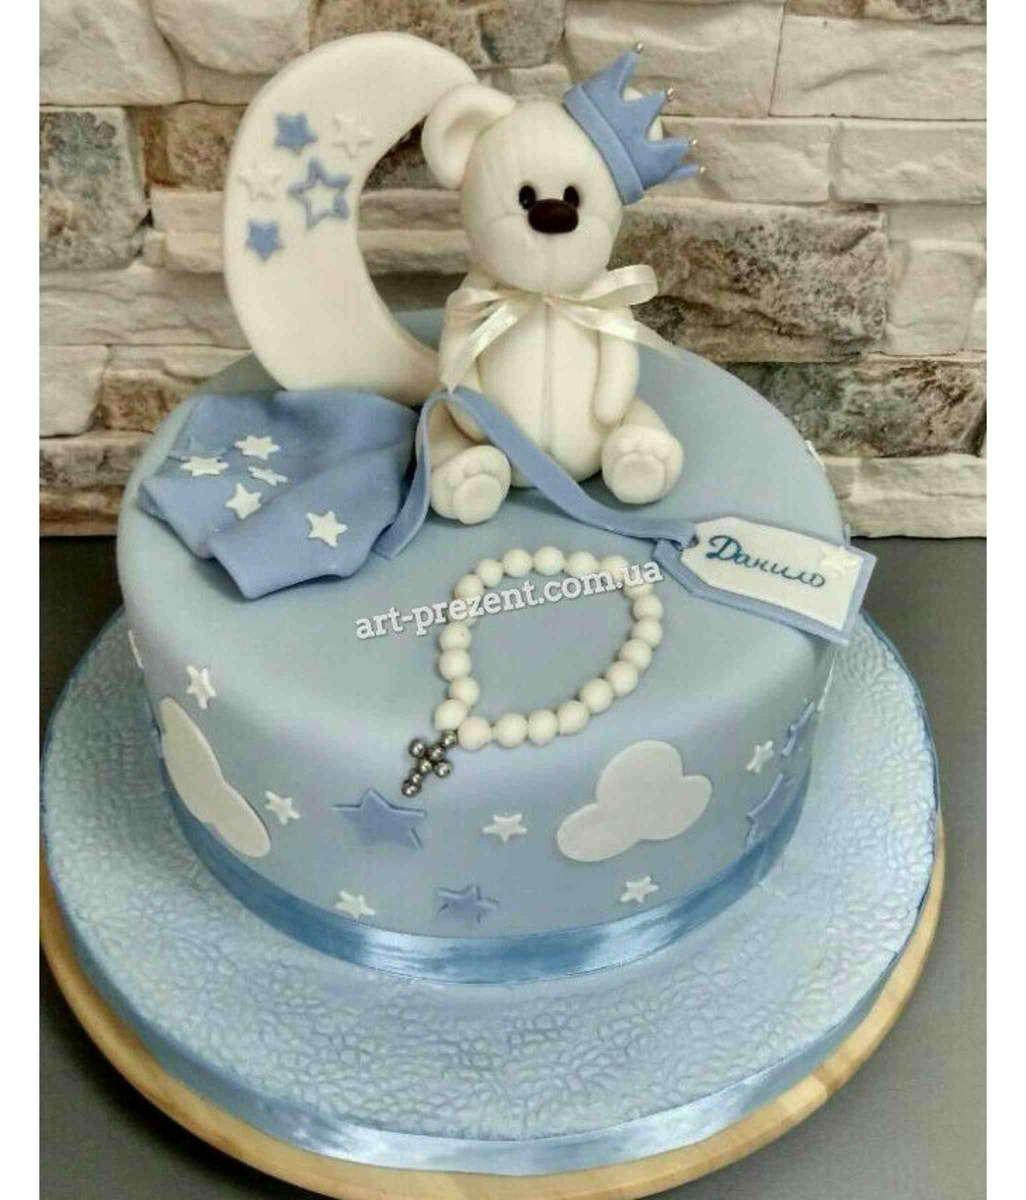 6d2d4532304b76 Ви можете замовити торт в Арт- студії · Дитячі торти (торти для хлопчиків, торти для дівчаток) ...